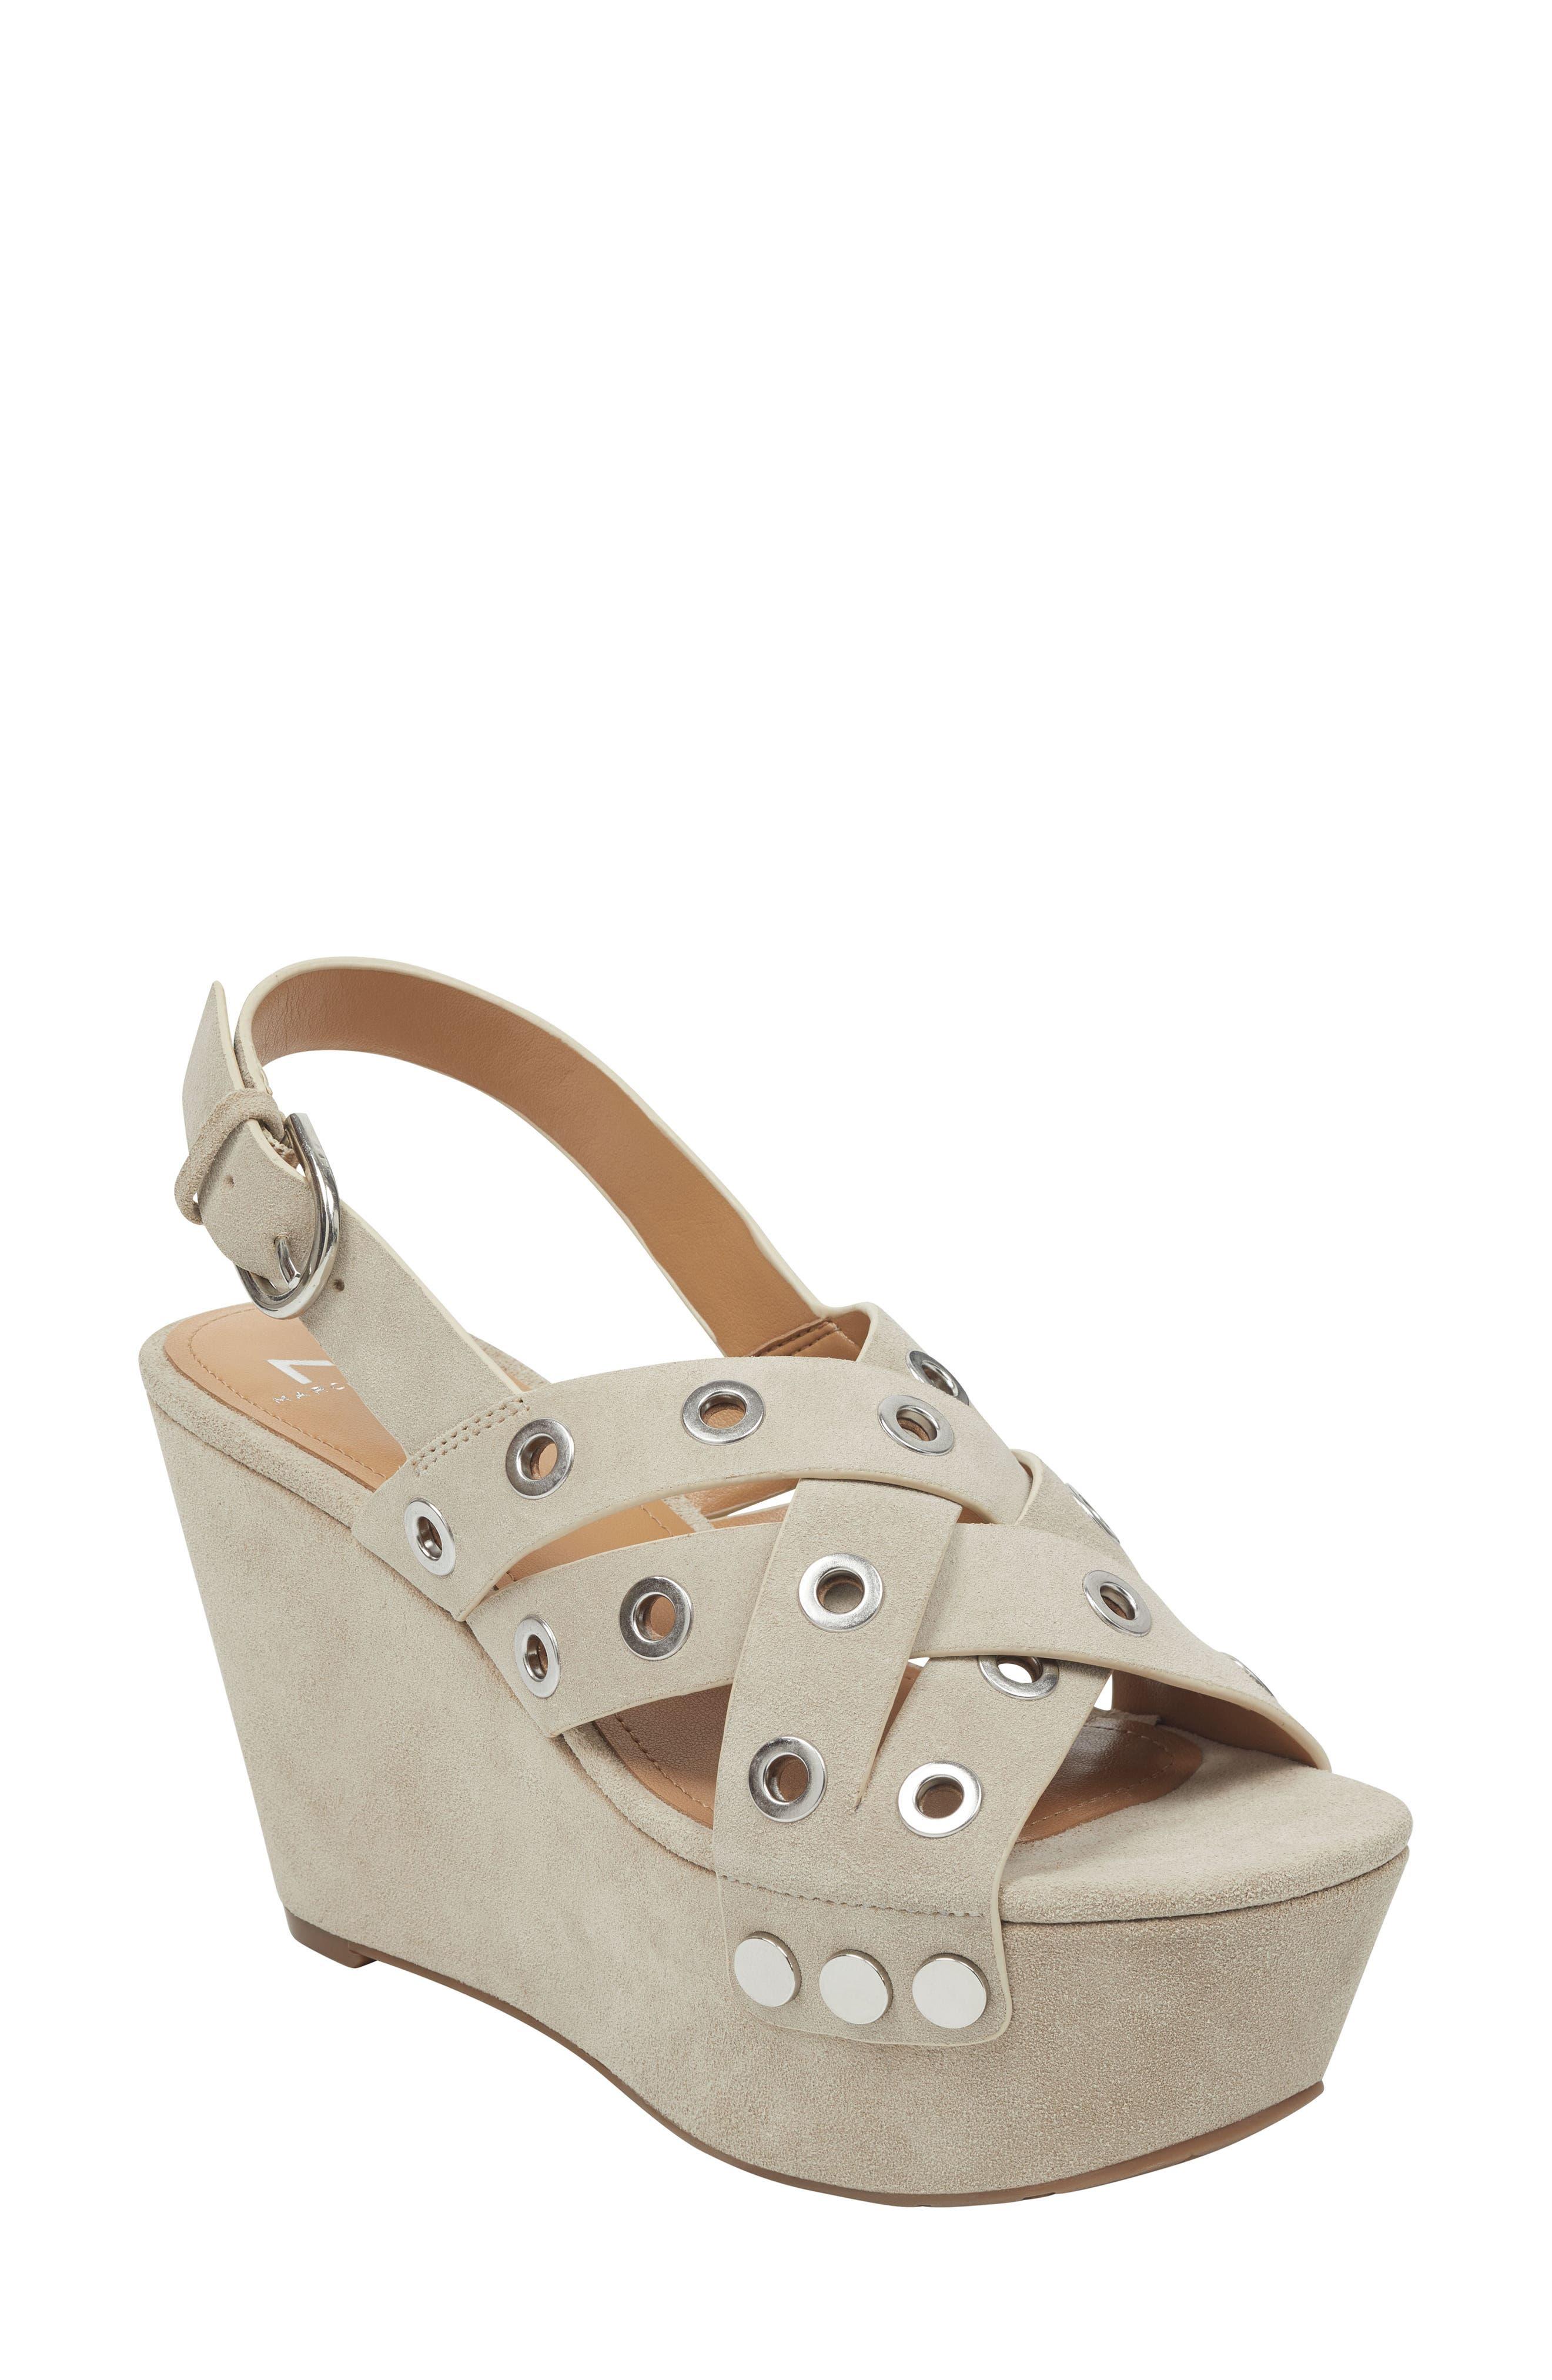 Marc Fisher Ltd Bloom Platform Sandal, Beige